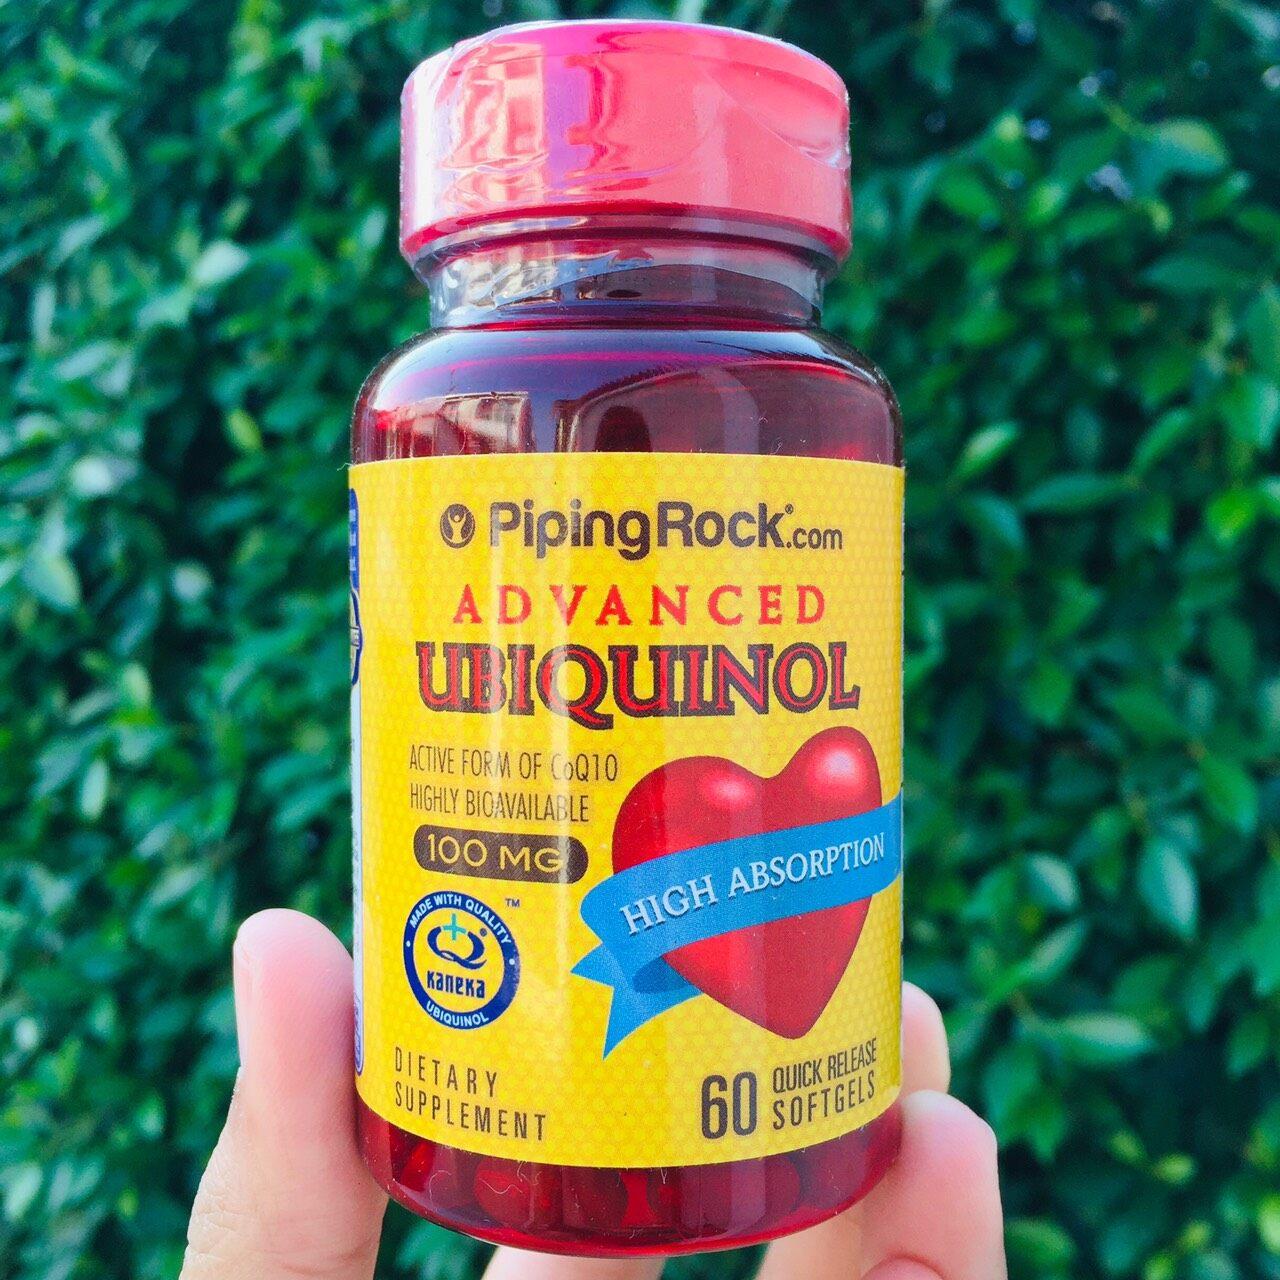 ยูบิควินอล Advanced Kaneka Ubiquinol™ 100 Mg 60 Quick Release Softgels (piping Rock®) ช่วยให้หัวใจและหลอดเลือดแข็งแรง.